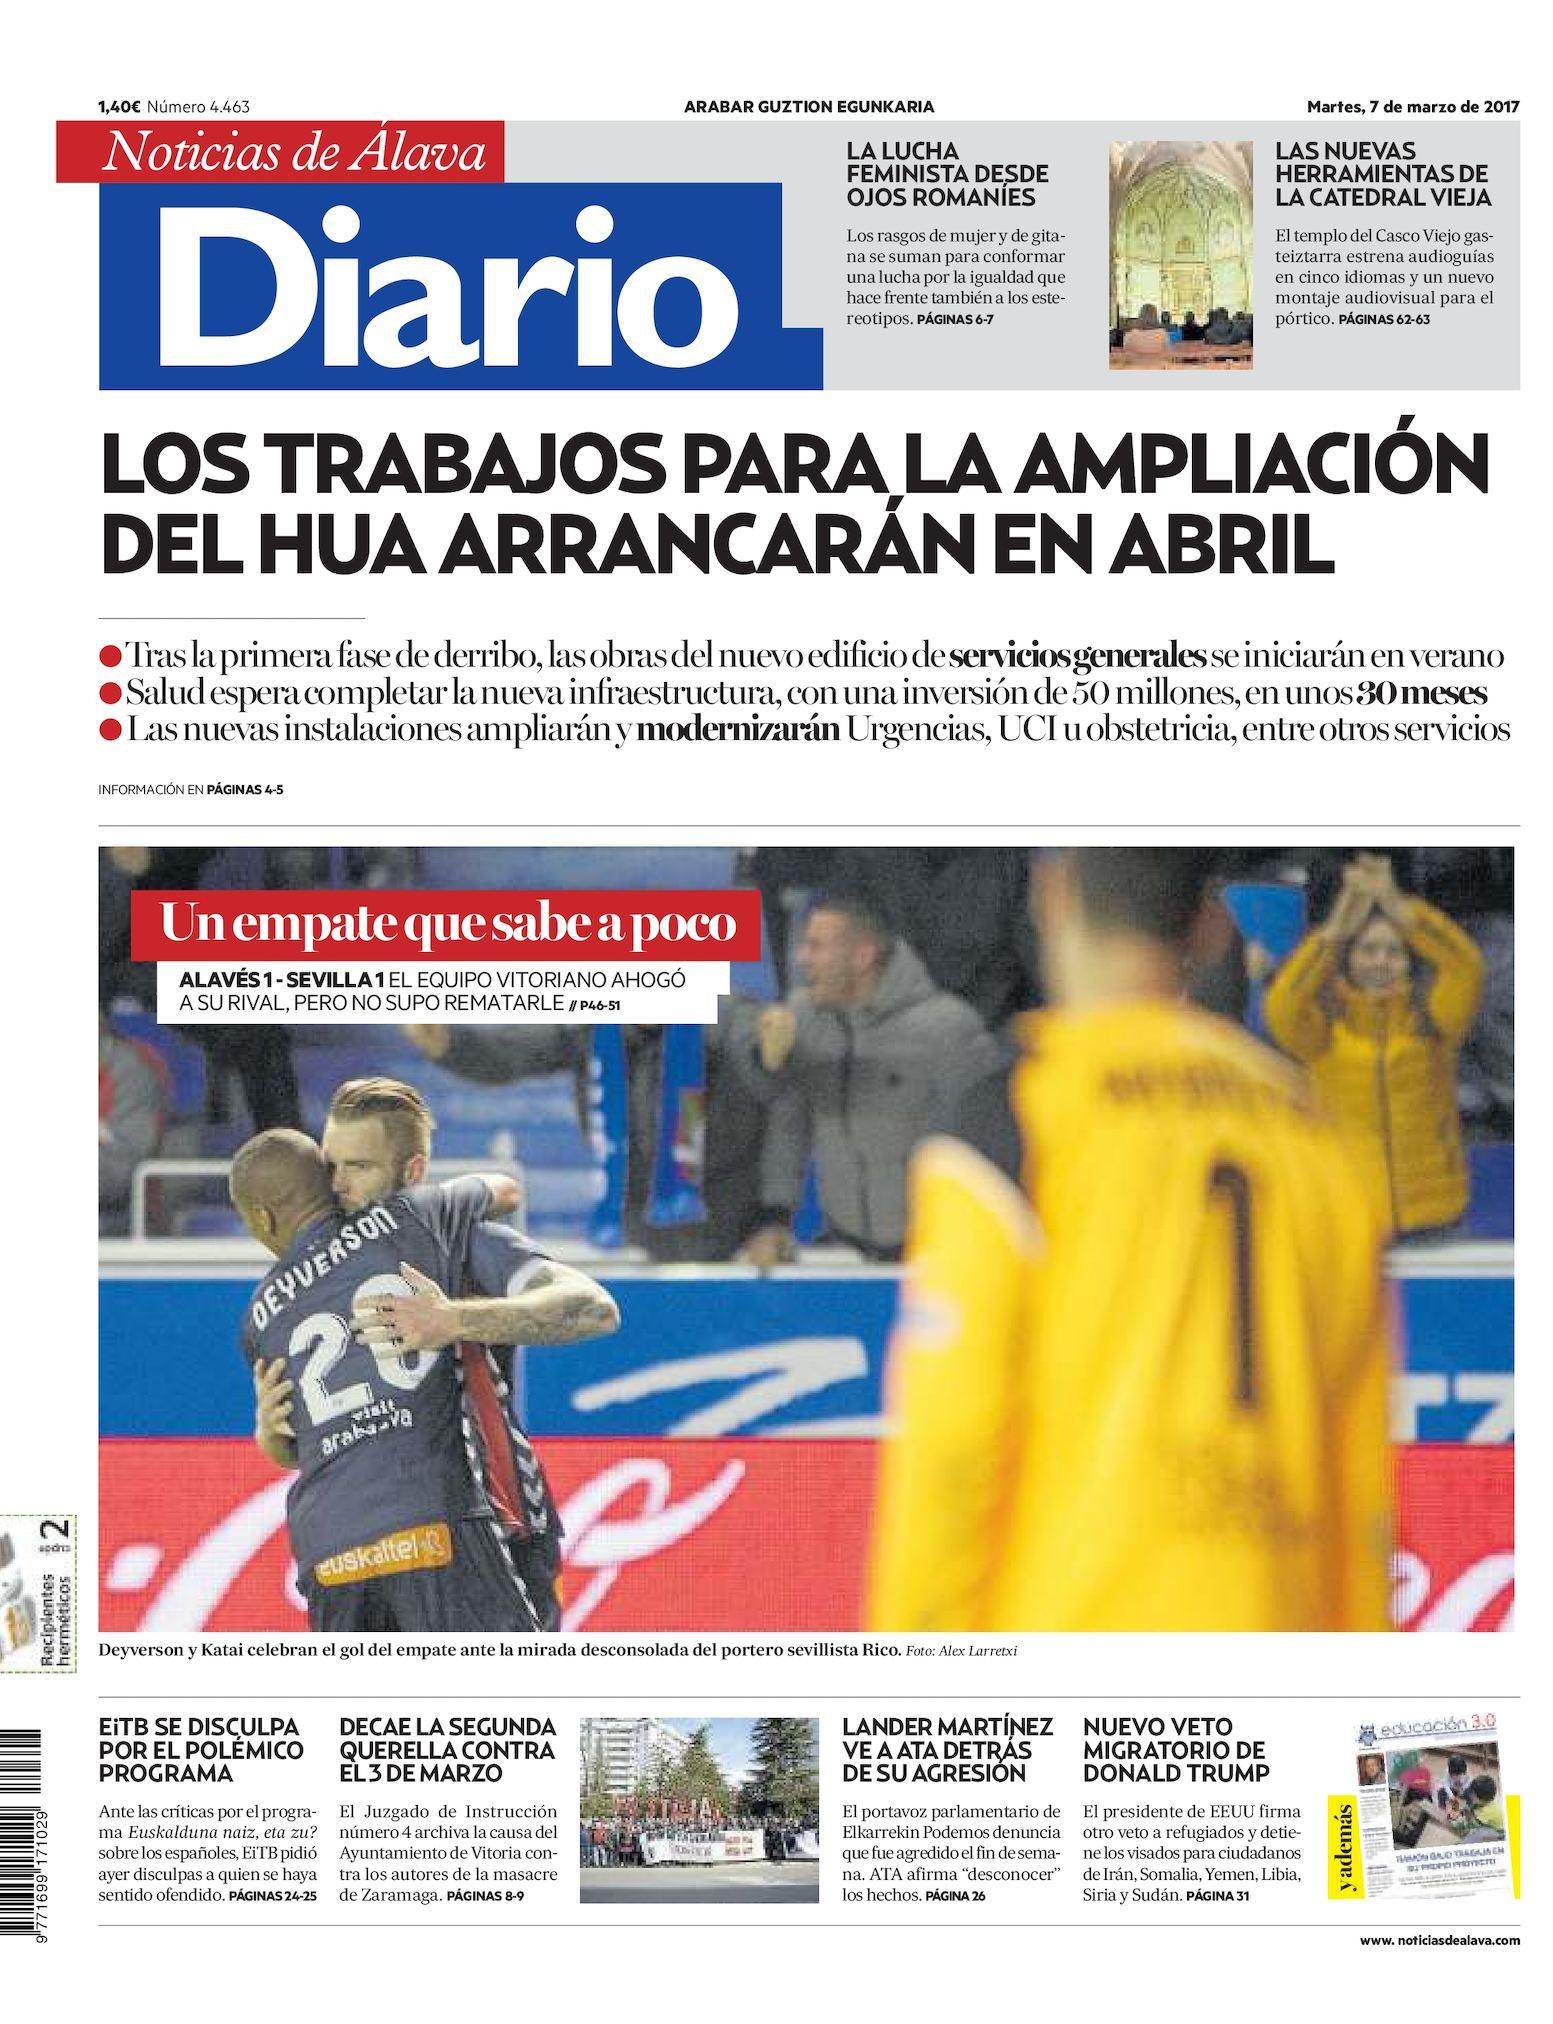 578578ba7666 Calaméo - Diario de Noticias de Álava 20170307